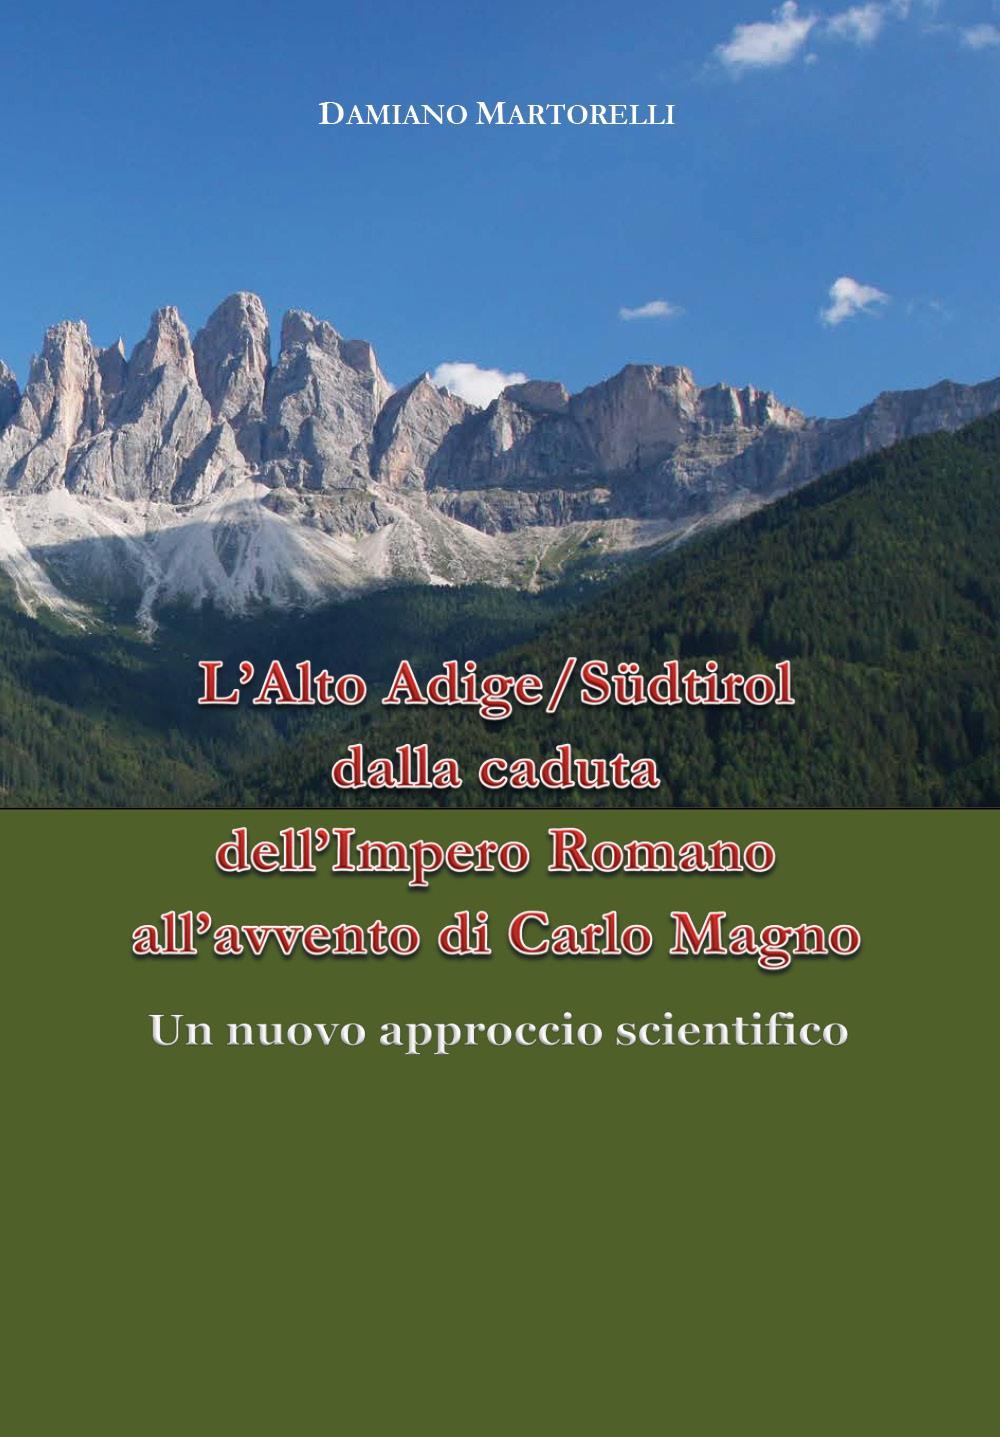 L'Alto Adige/Südtirol dalla caduta dell'Impero Romano all'avvento di Carlo Magno (V-VIII secolo). Un nuovo approccio scientifico